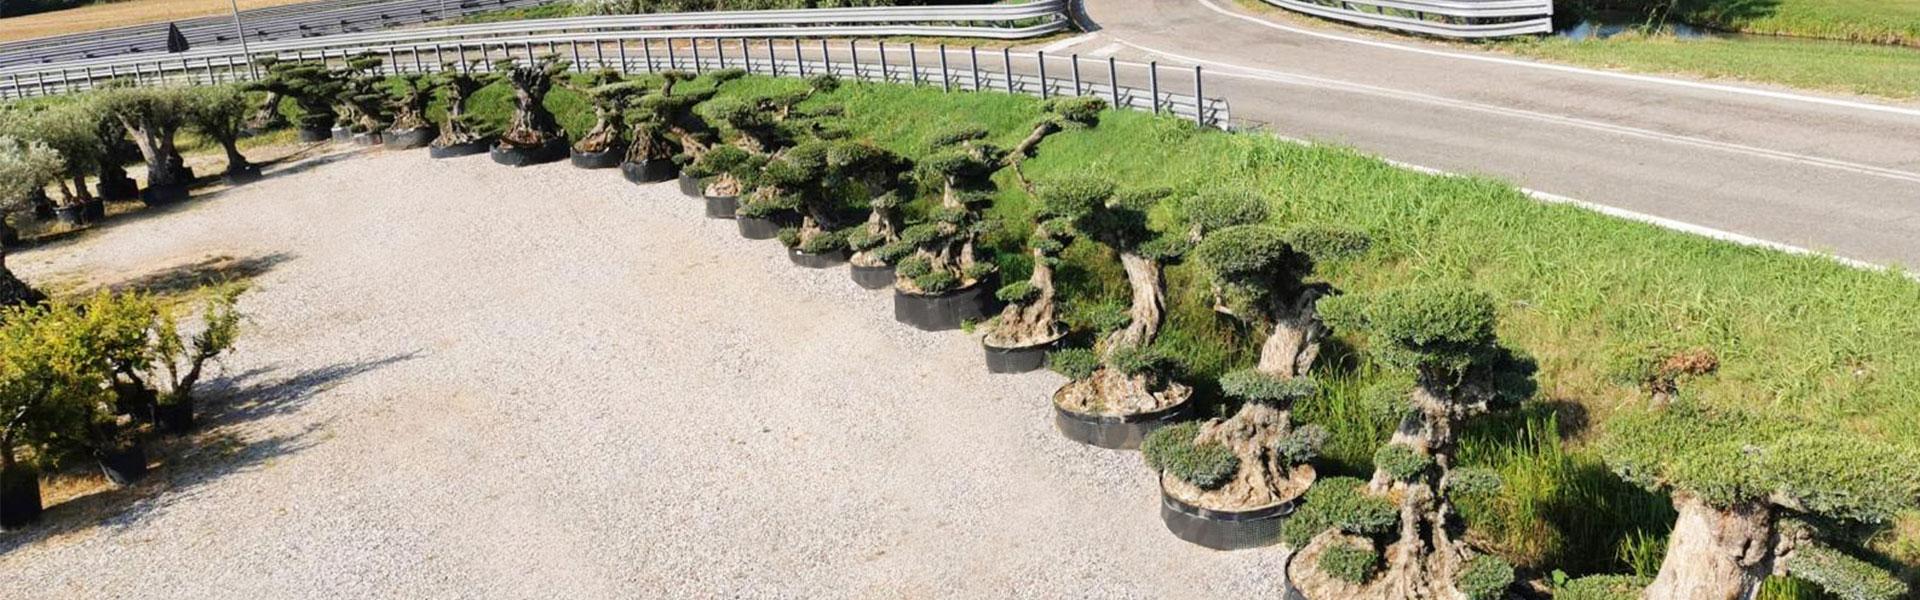 Vivaio Real Garden - vendita olivi